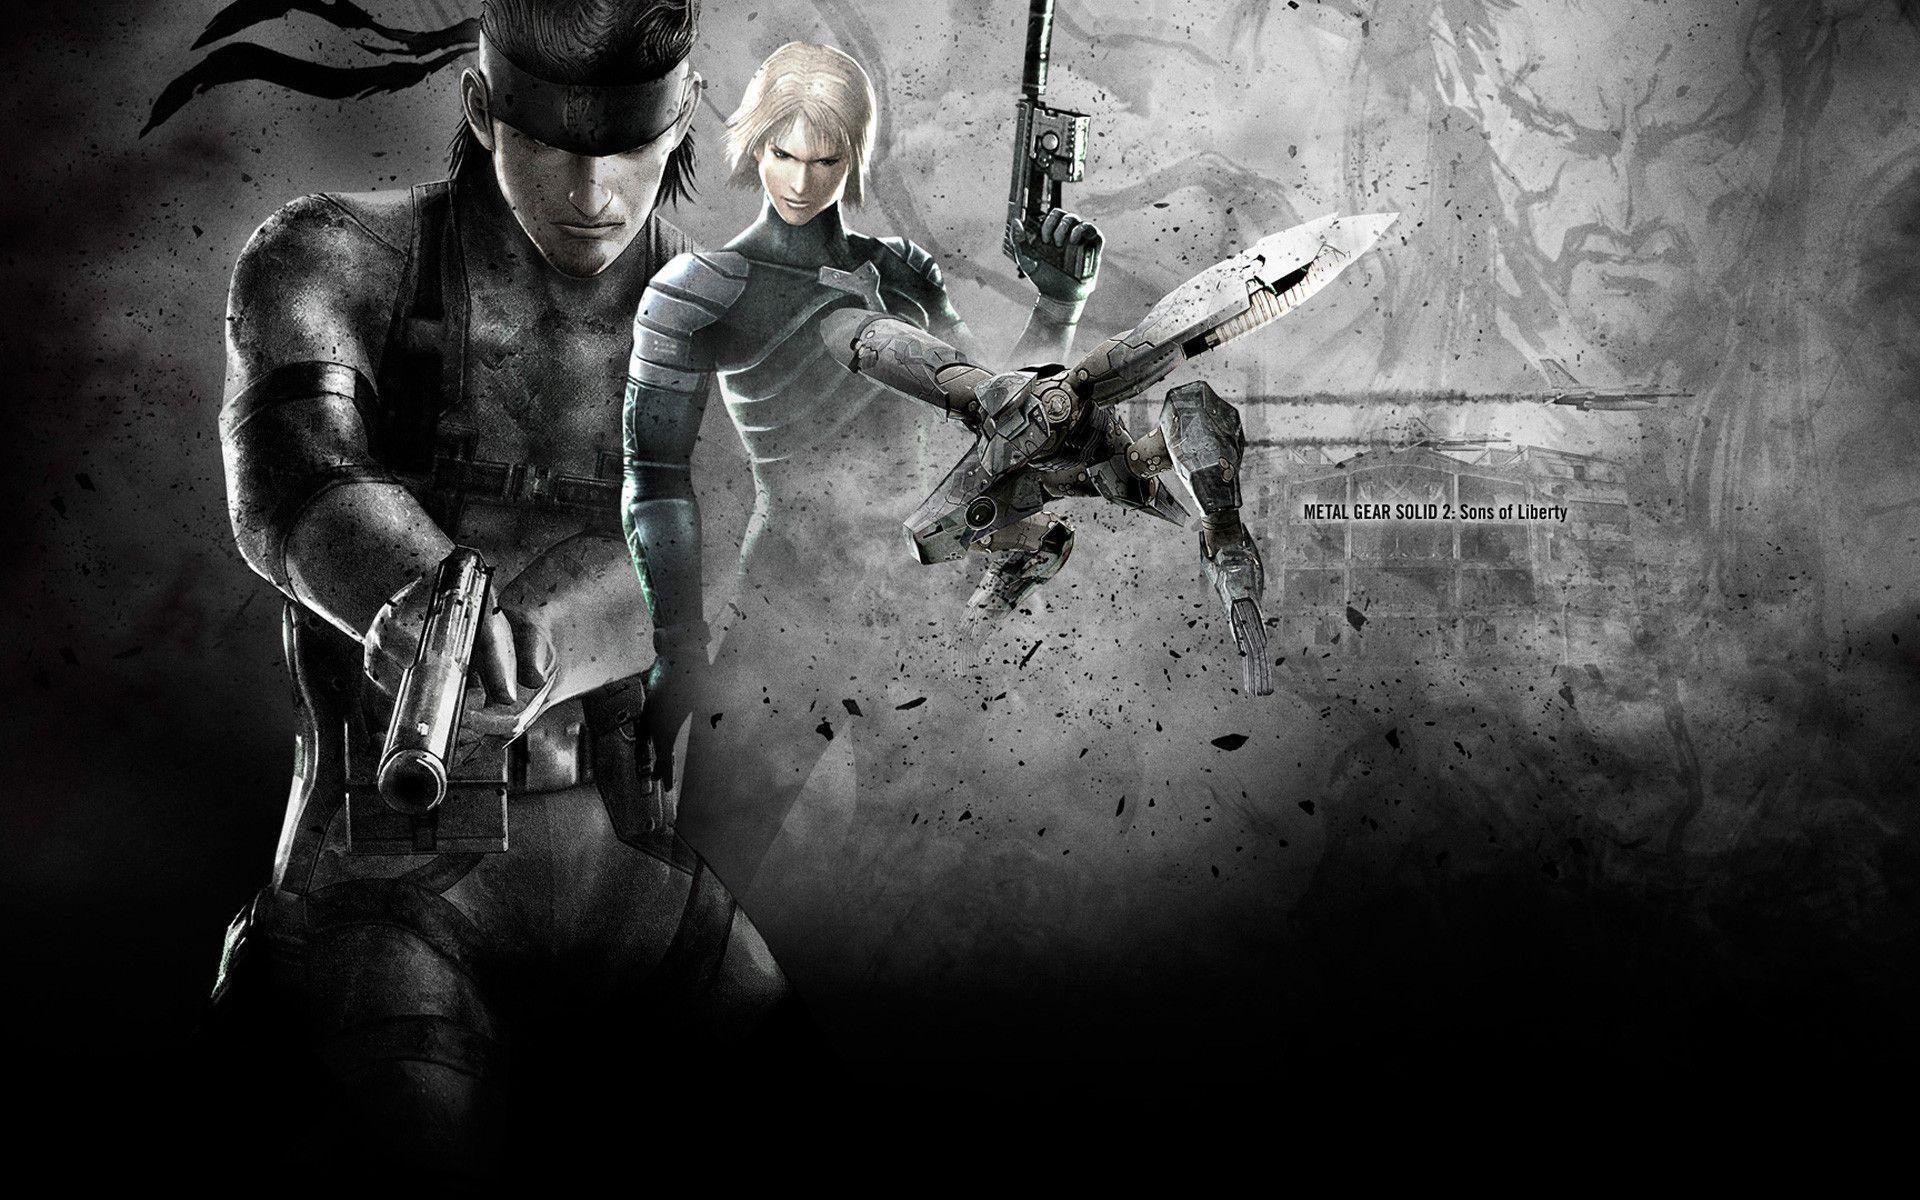 1280x1280 Wallpaper: Metal Gear Solid 2 Wallpapers